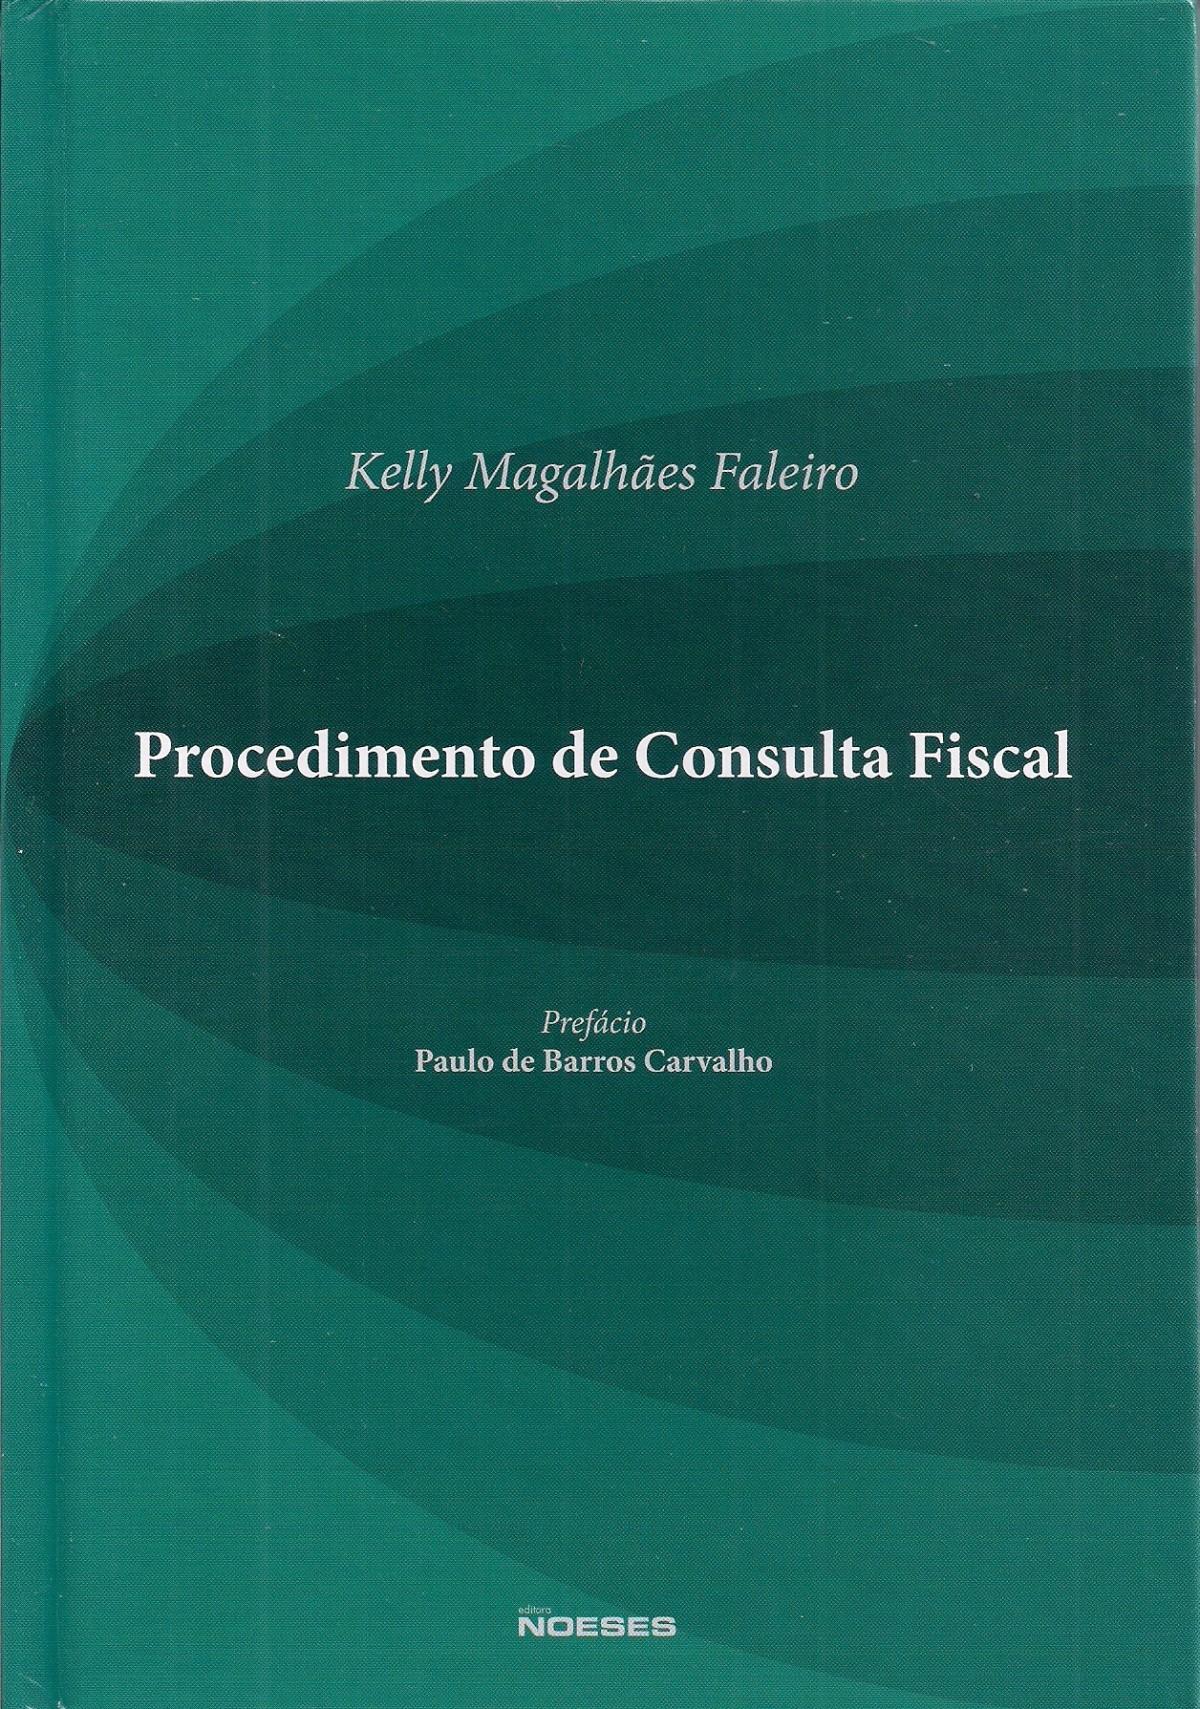 Foto 1 - Procedimento de Consulta Fiscal